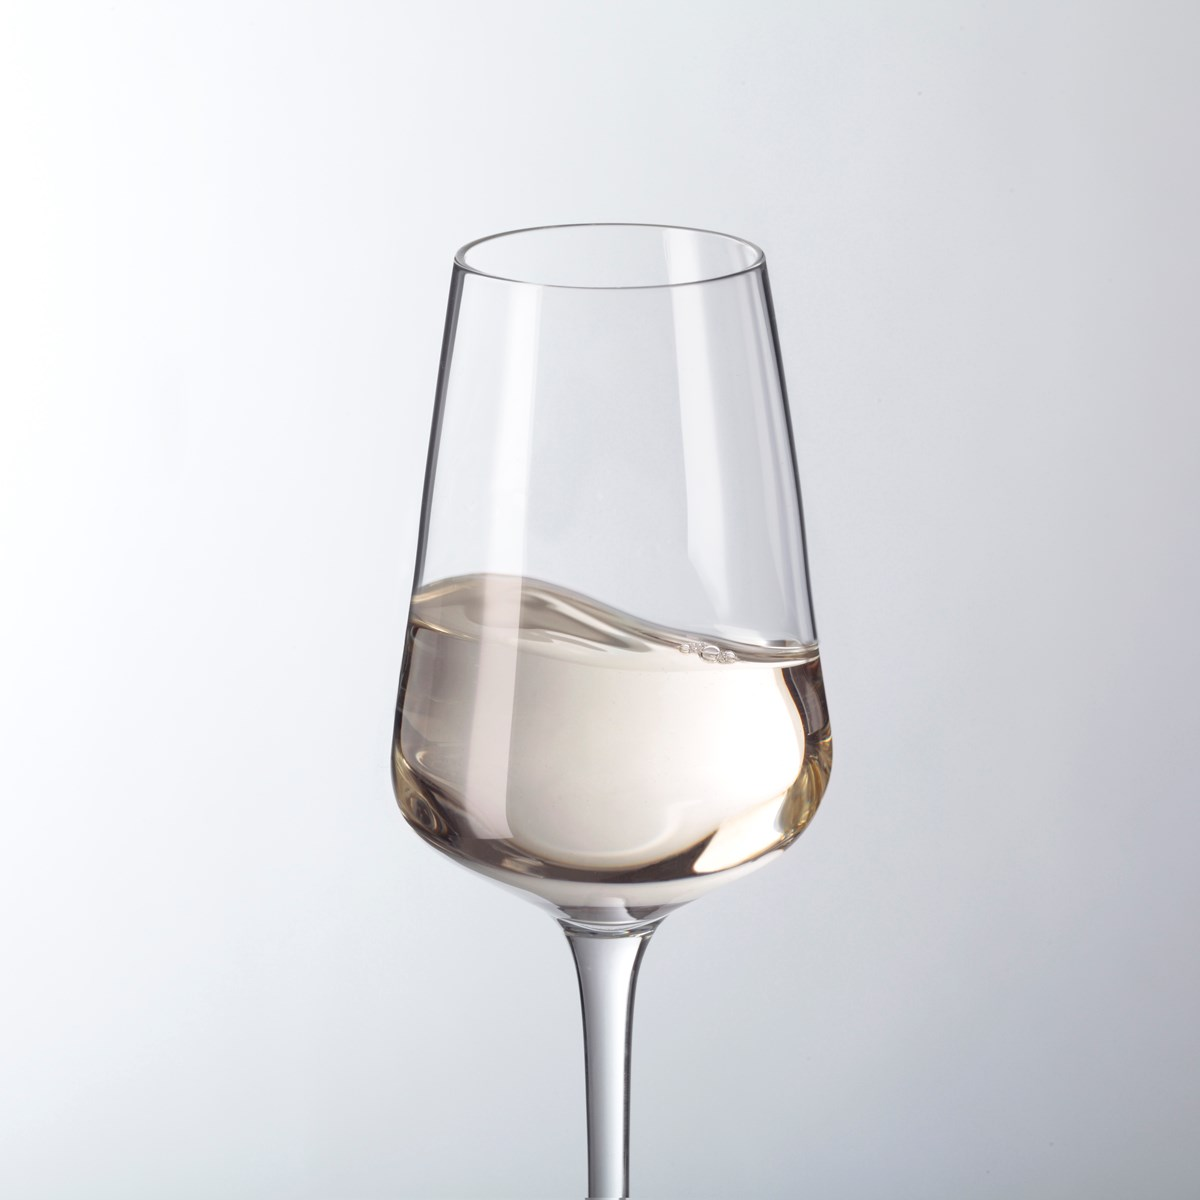 Sklenička na alkohol PUCCINI 220 ml_1